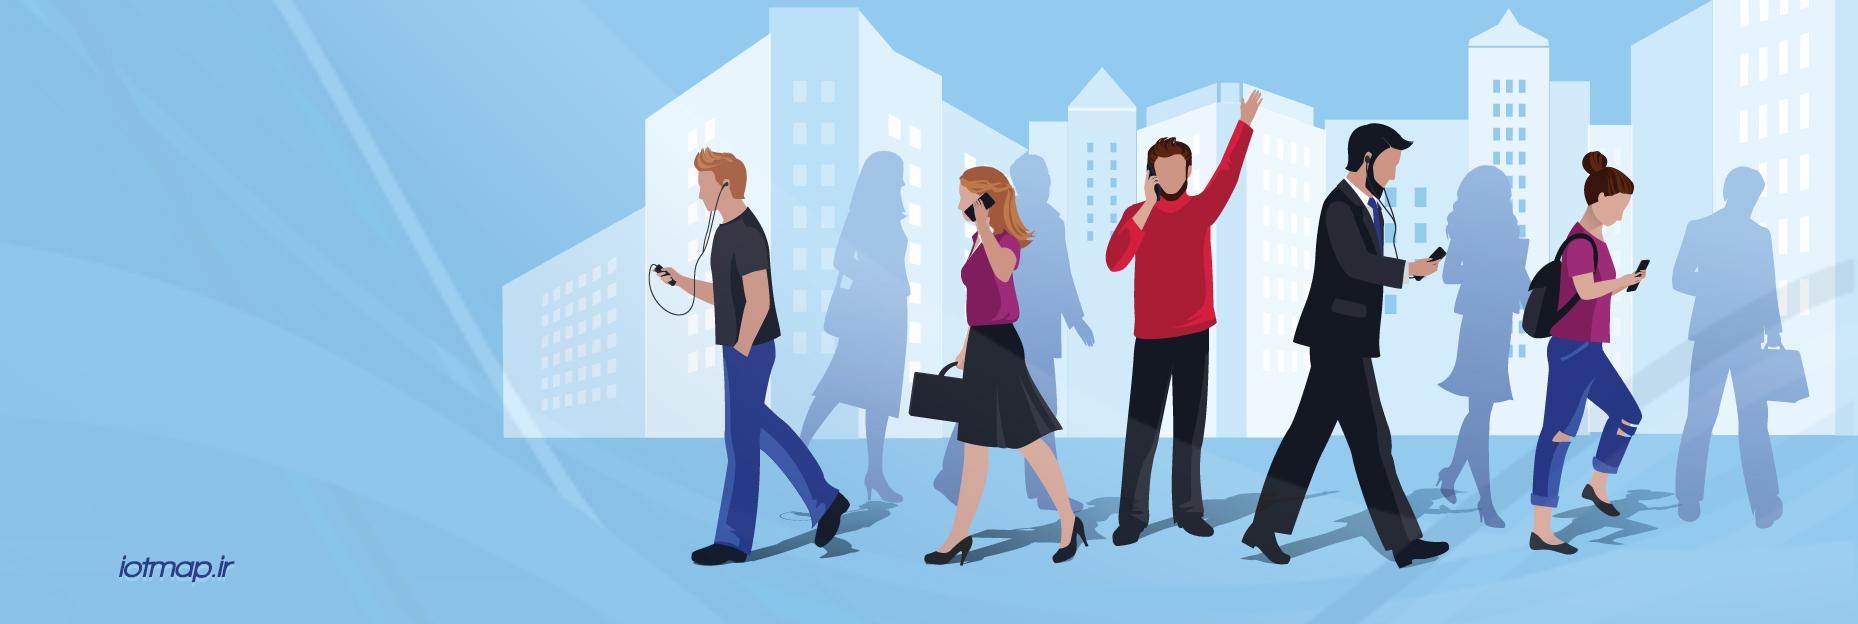 آشنایی با مزایای هوشمندسازی ساختمان برای مالکین منازل در ساختمانها